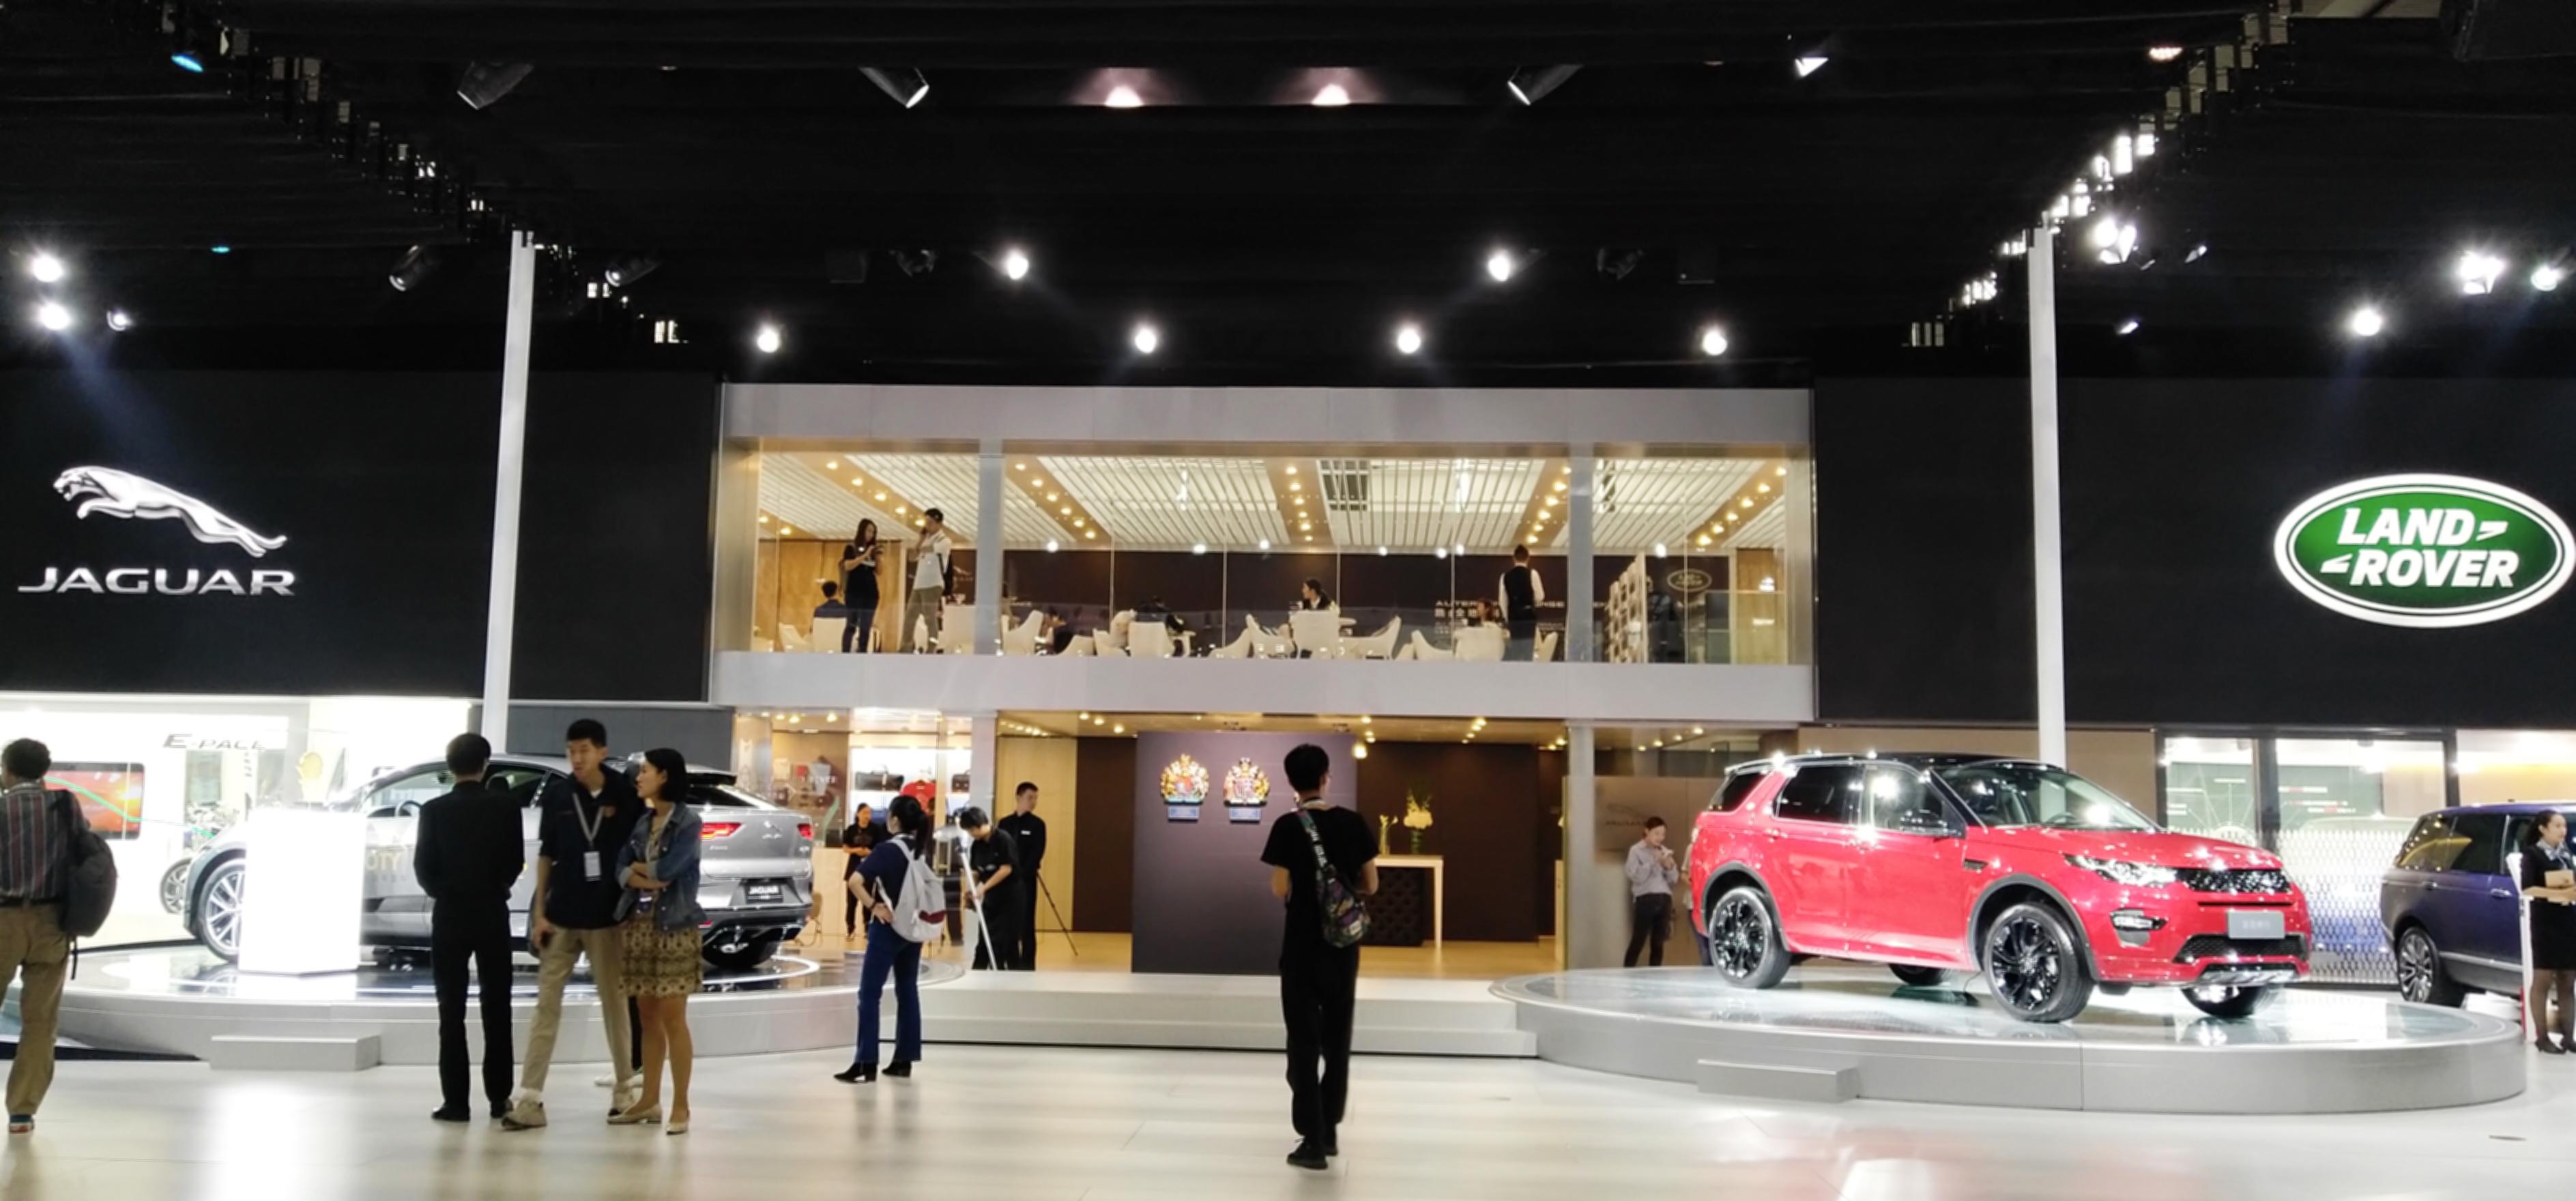 预告 | 再度应邀:英国之宝携旗舰产品,助力捷豹路虎广州车展